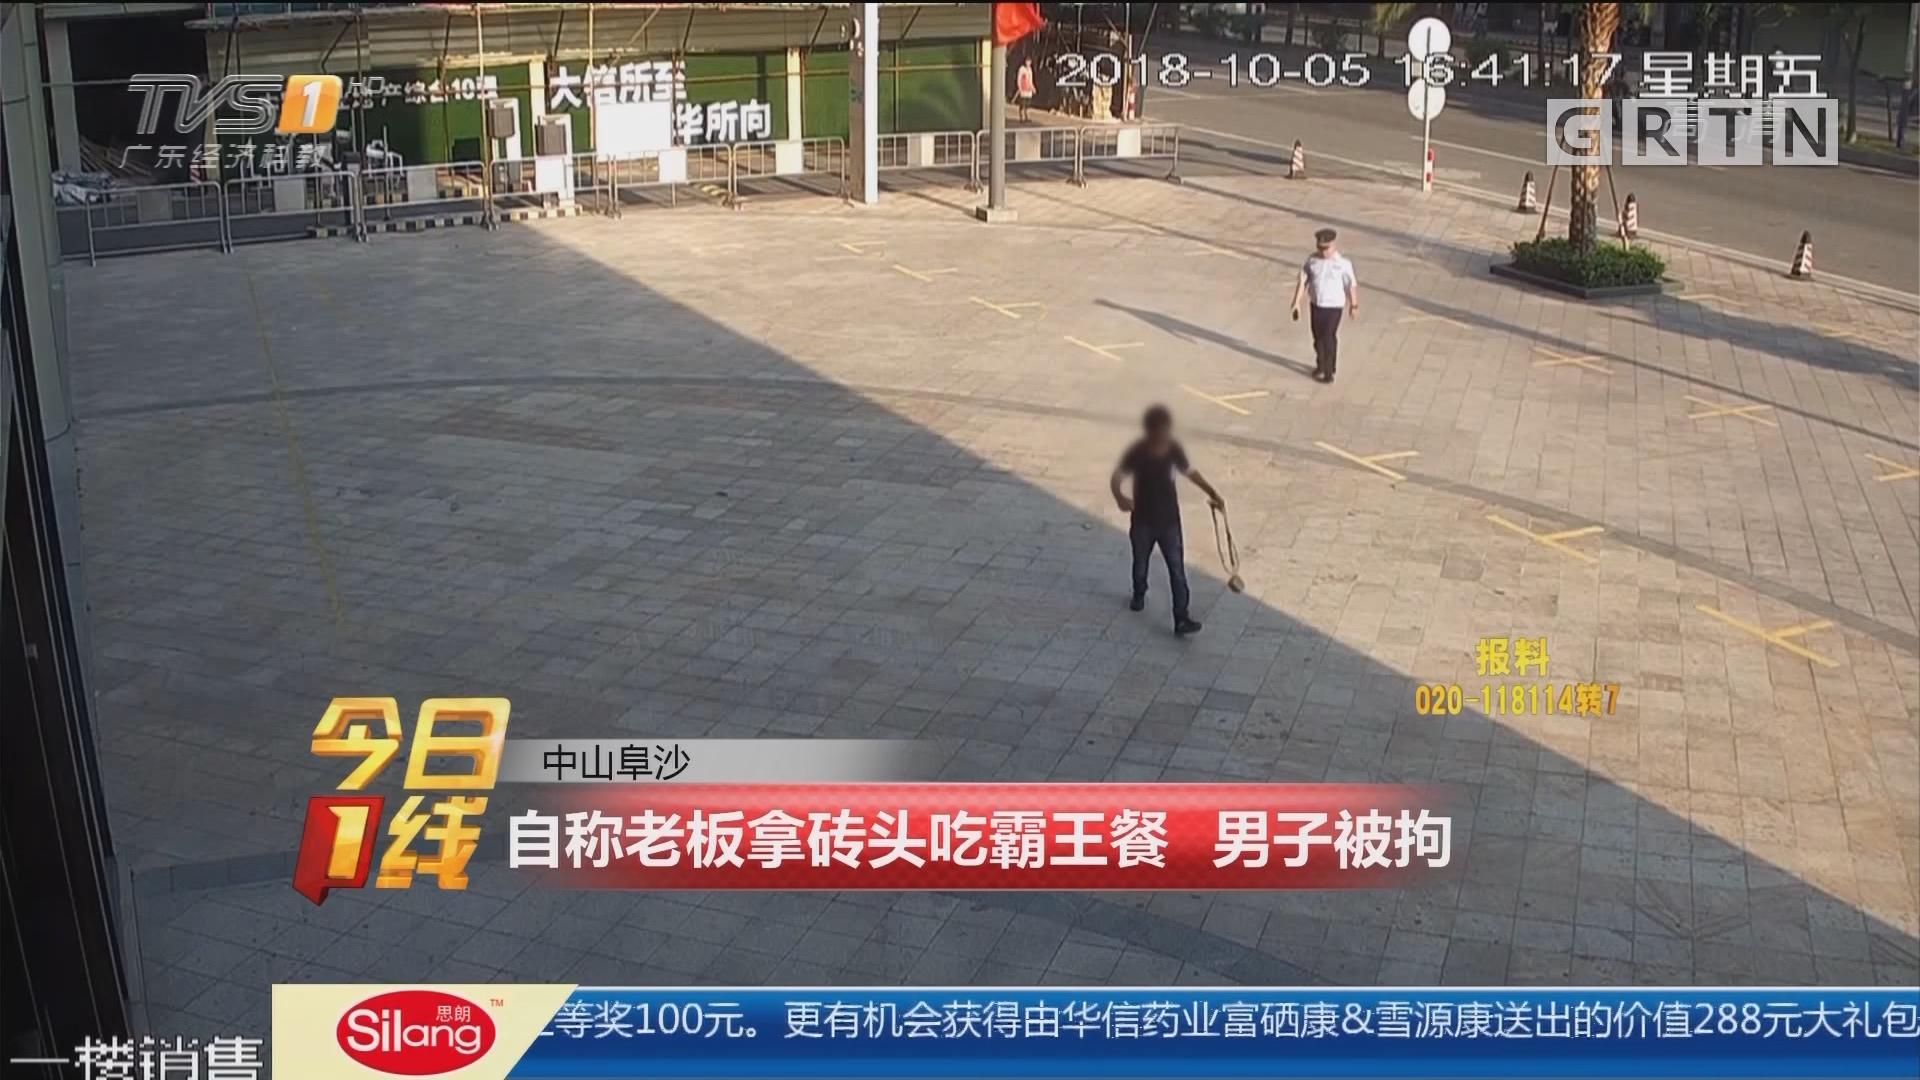 中山阜沙:自称老板拿砖头吃霸王餐 男子被拘